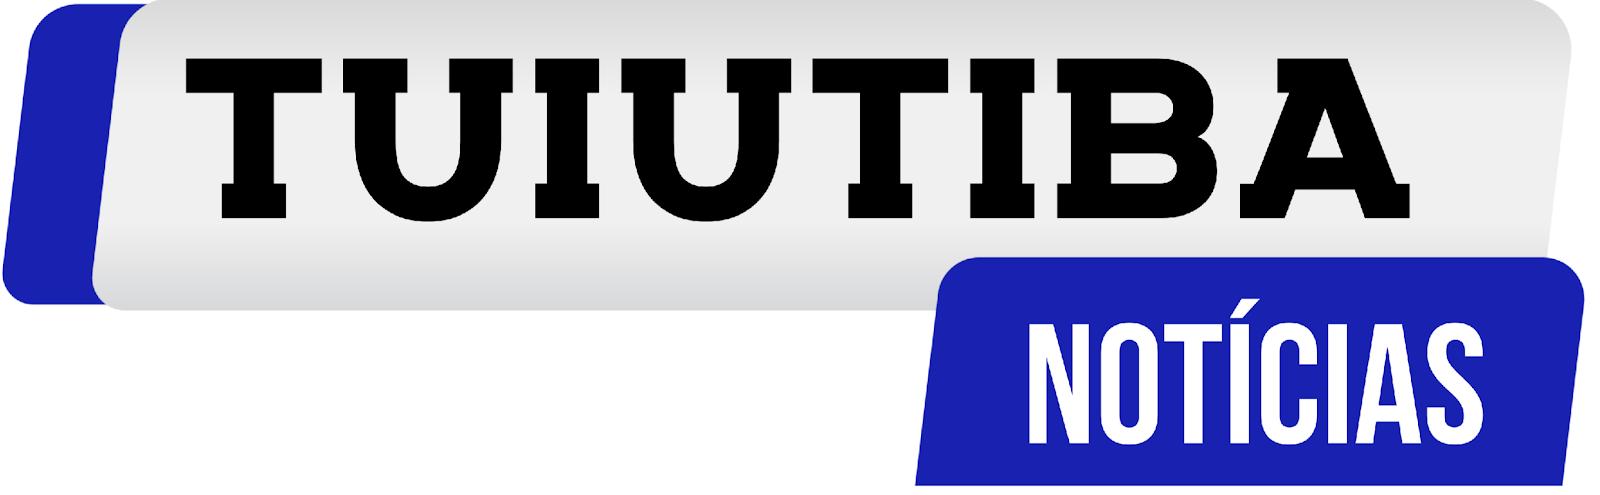 Tuiutiba Noticias - Notícias de Campo Formoso e Região em Tempo Real